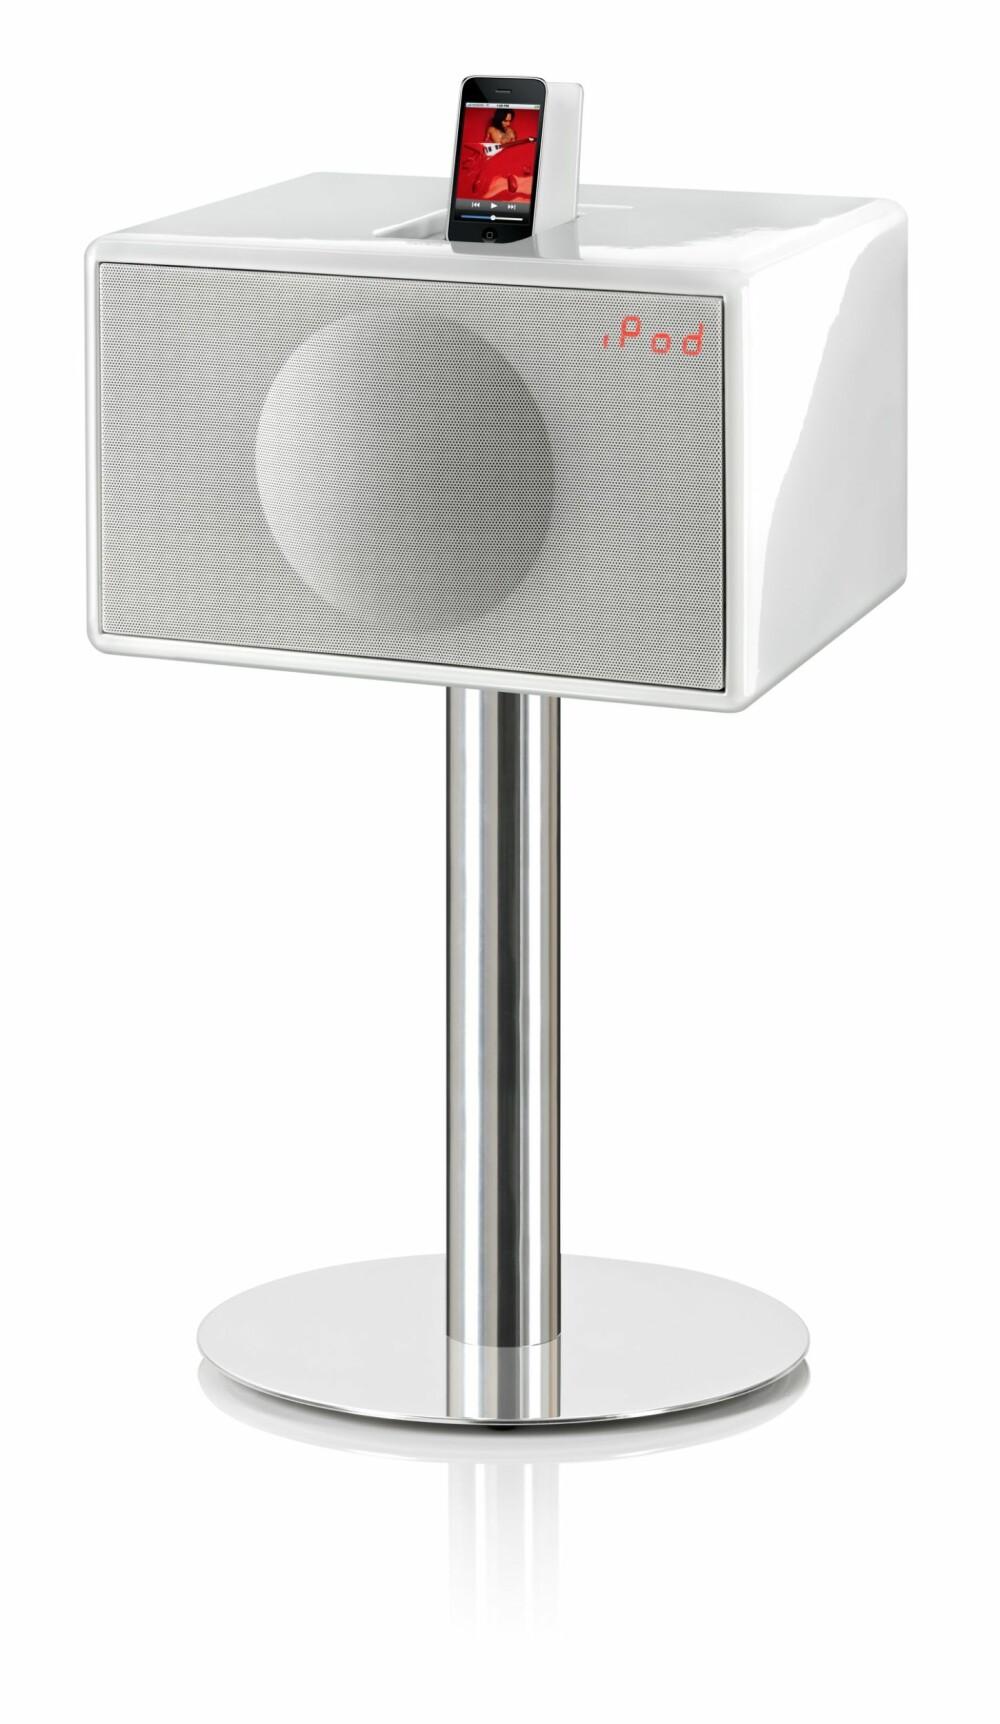 FULL PAKKE: Geneva Model Large er et fullverdig stereoanlegg med kun én kabel. Inneholder cd- spiller, docking til Ipod/Iphone, FM radio, og eksterne innganger for tilkobling av for eksempel tv. Kommer i fargene rød, hvit, svart og valnøtt. Geneva kan fås i ulike størrelser og prisklasser fra small til xx-large. Prisen på small ligger på 2995 kr. Geneva Large, kr 11 990 med stativ